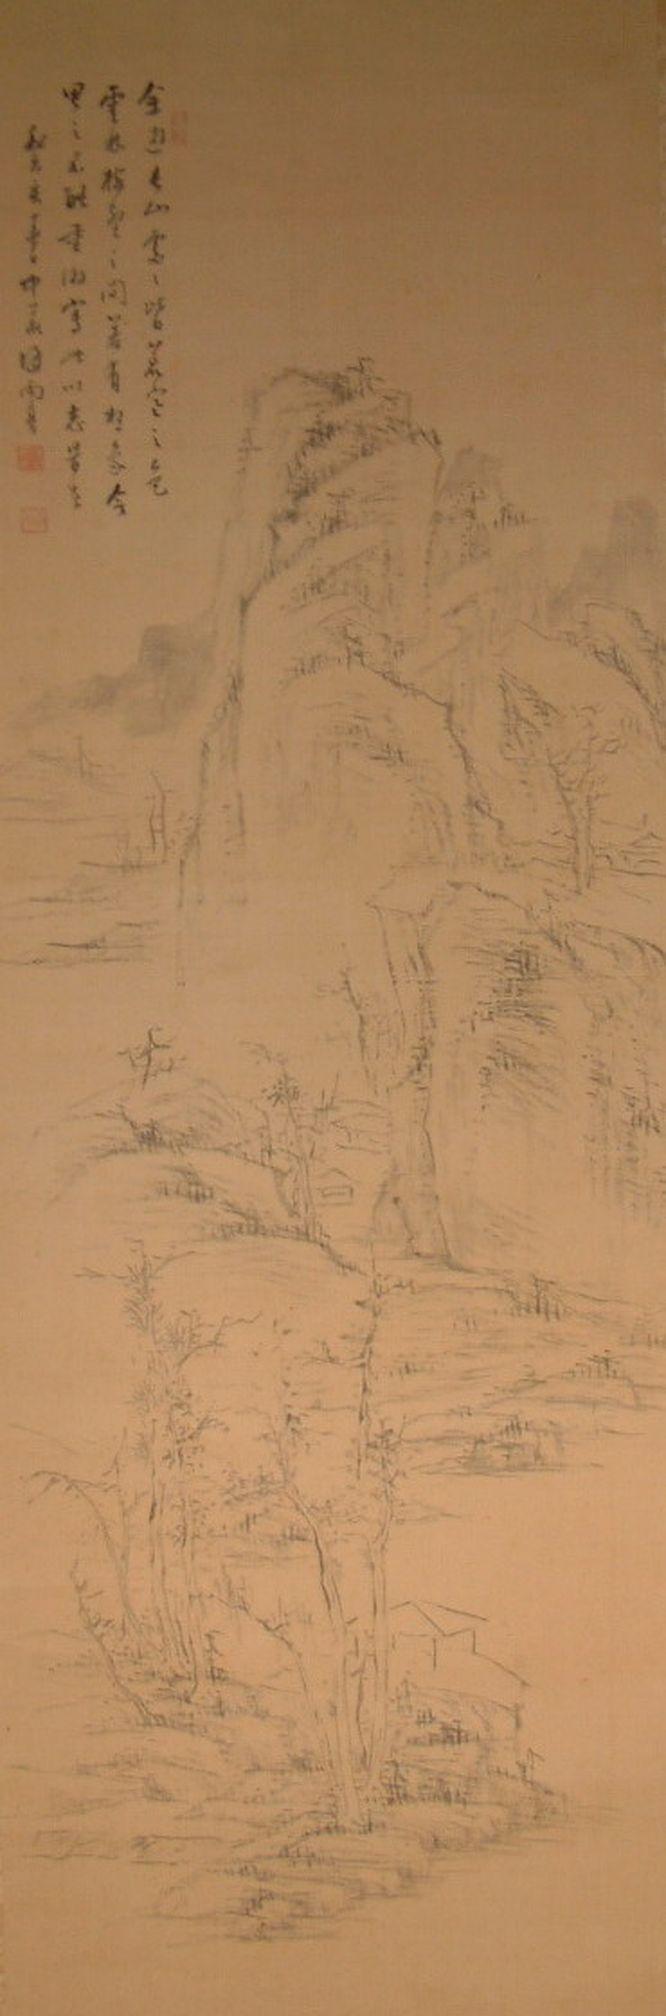 麻苍尤?y.l??[Nzx?Z?_初画山水,泛学无宗.中岁得师王翚,遂大变.笔墨苍秀,小幅及浅绛尤妙.